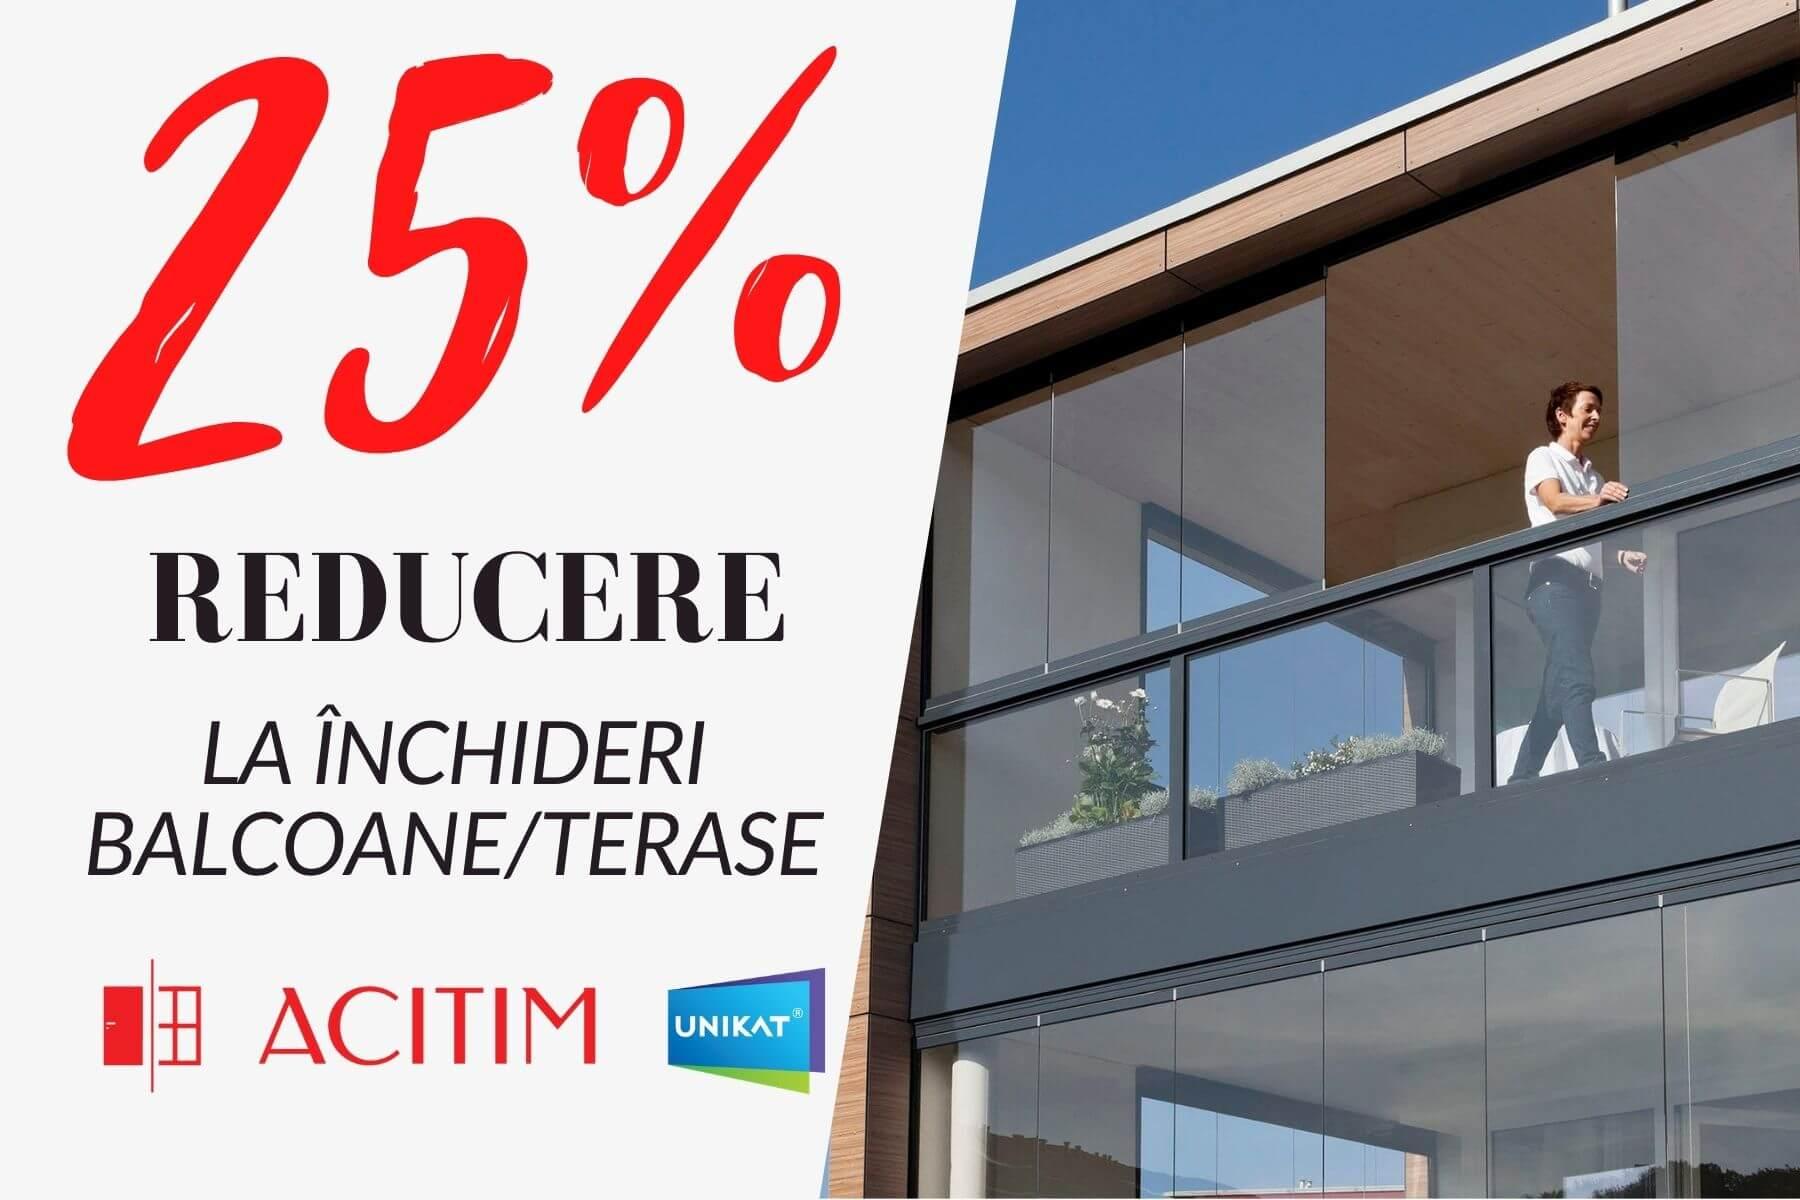 Promotie Balcoane 25%